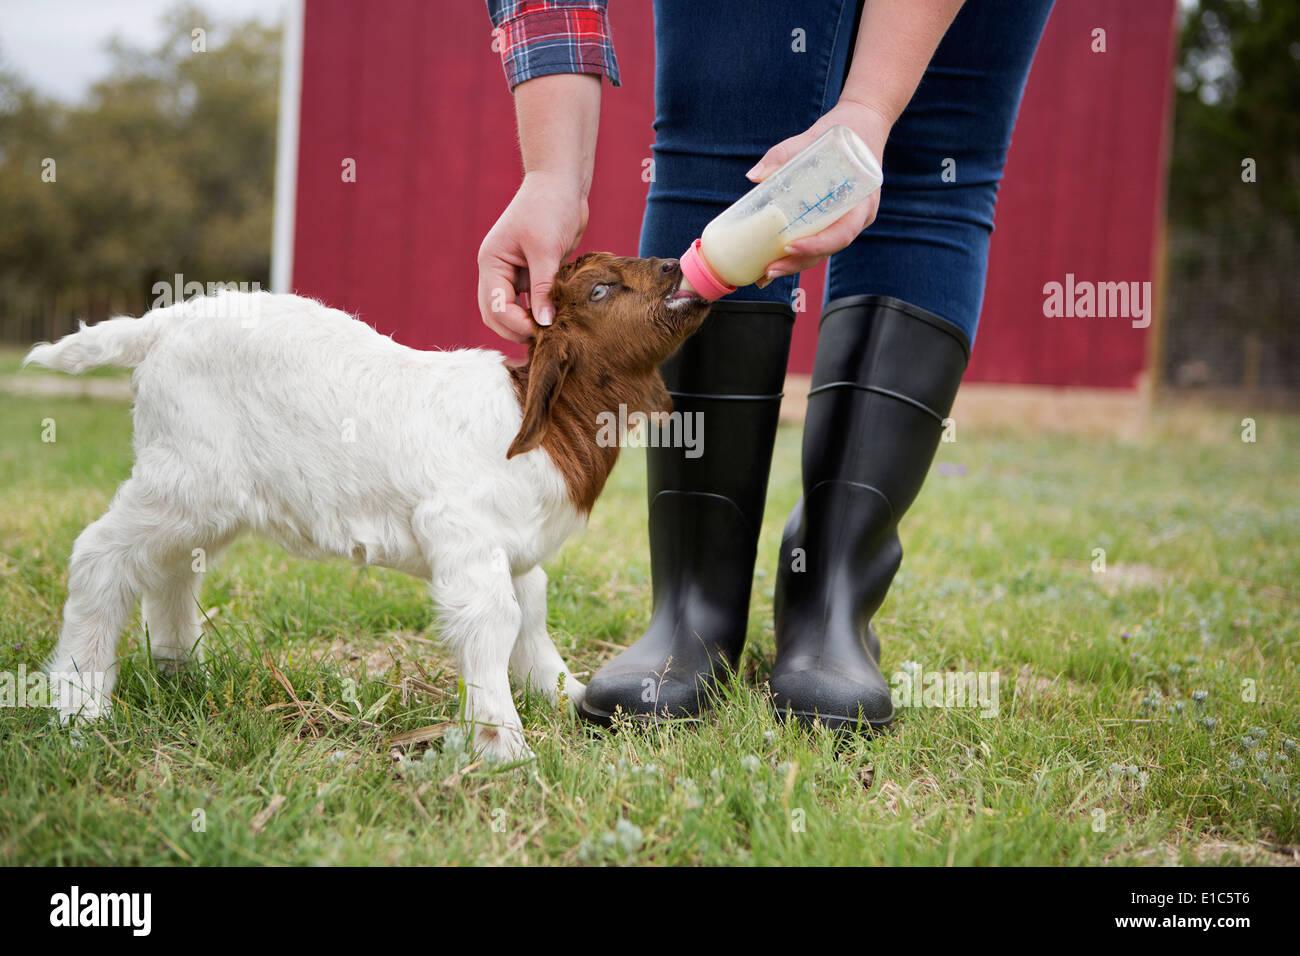 Una niña biberón al bebé cabra. Imagen De Stock